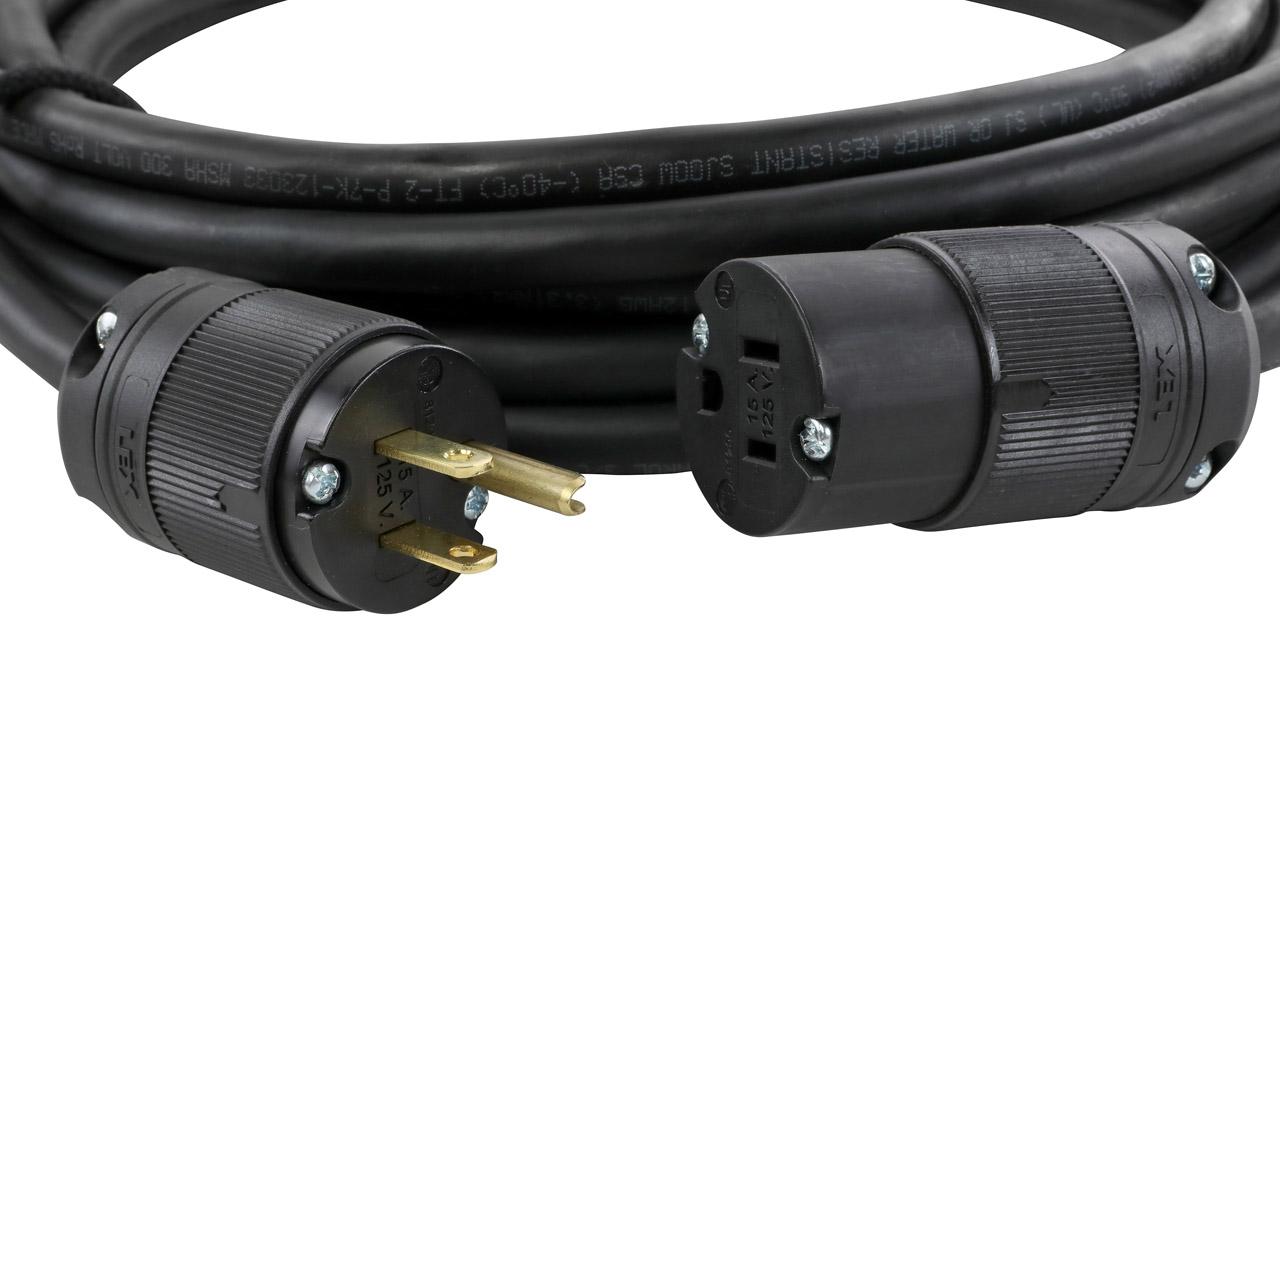 NEMA 5-15 Lex-Loc® (Edison) Extension - SJOOW Cable